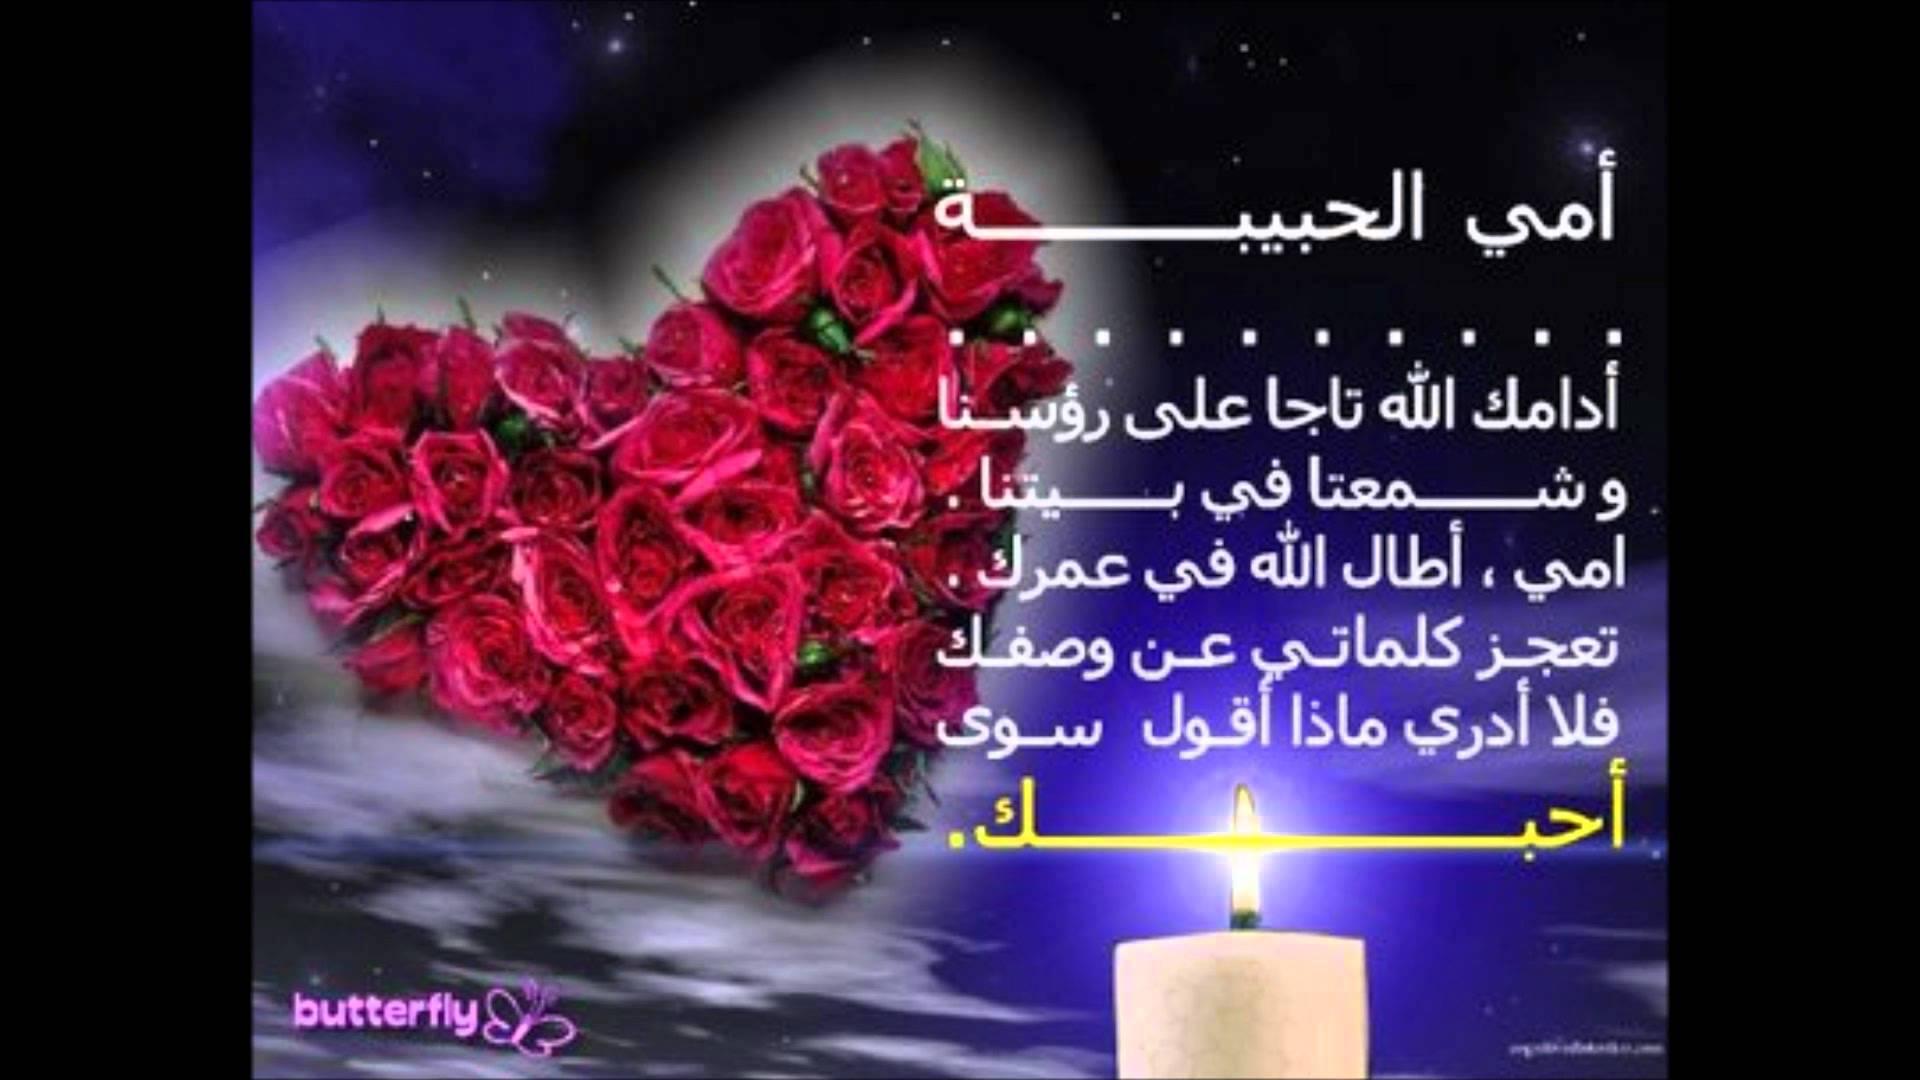 بالصور شعر عيد الام , اجمل الاشعار لعيد الام 3229 6